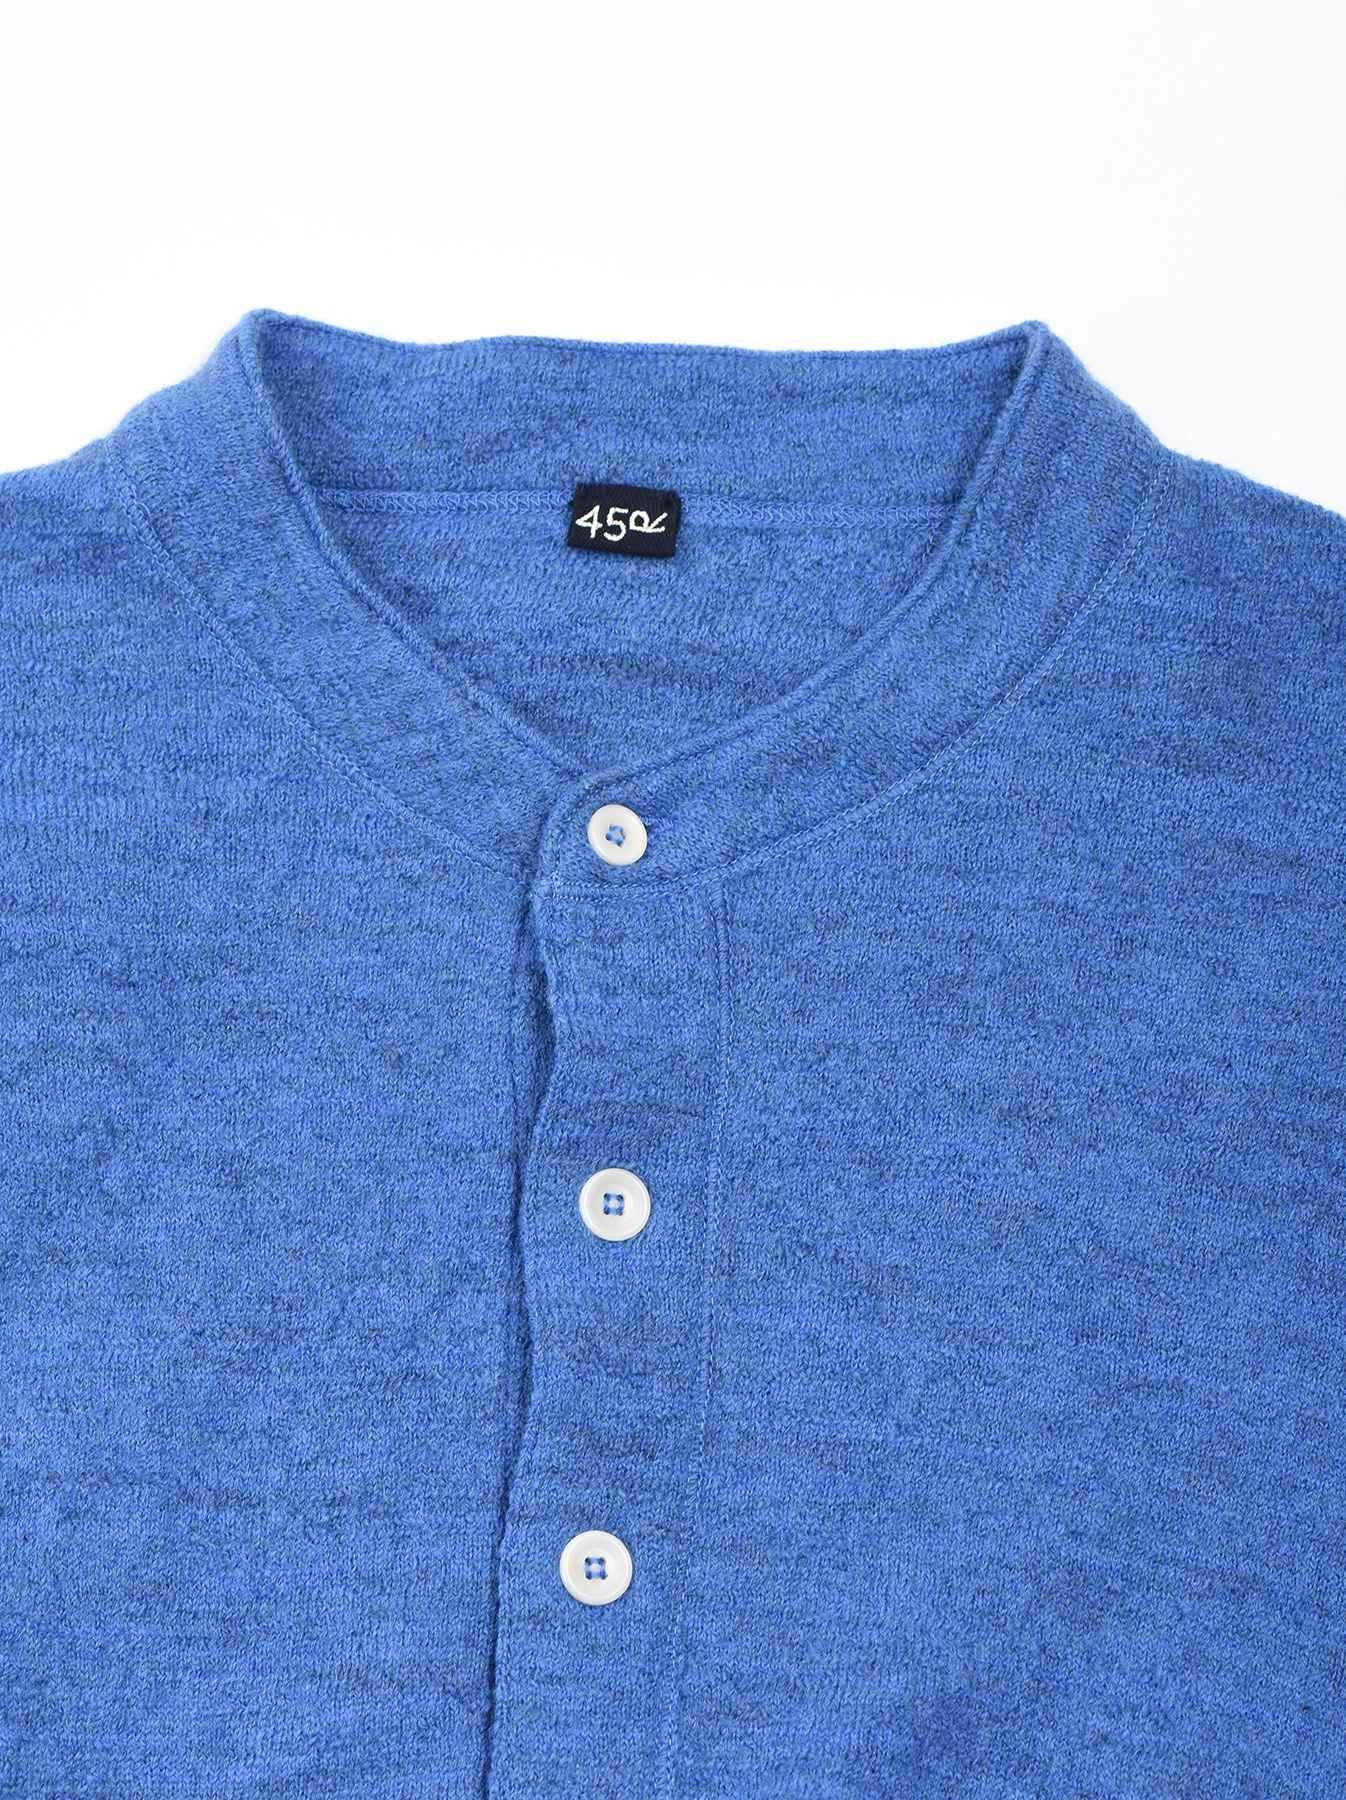 WH Arles Boiled Wool Henley-8